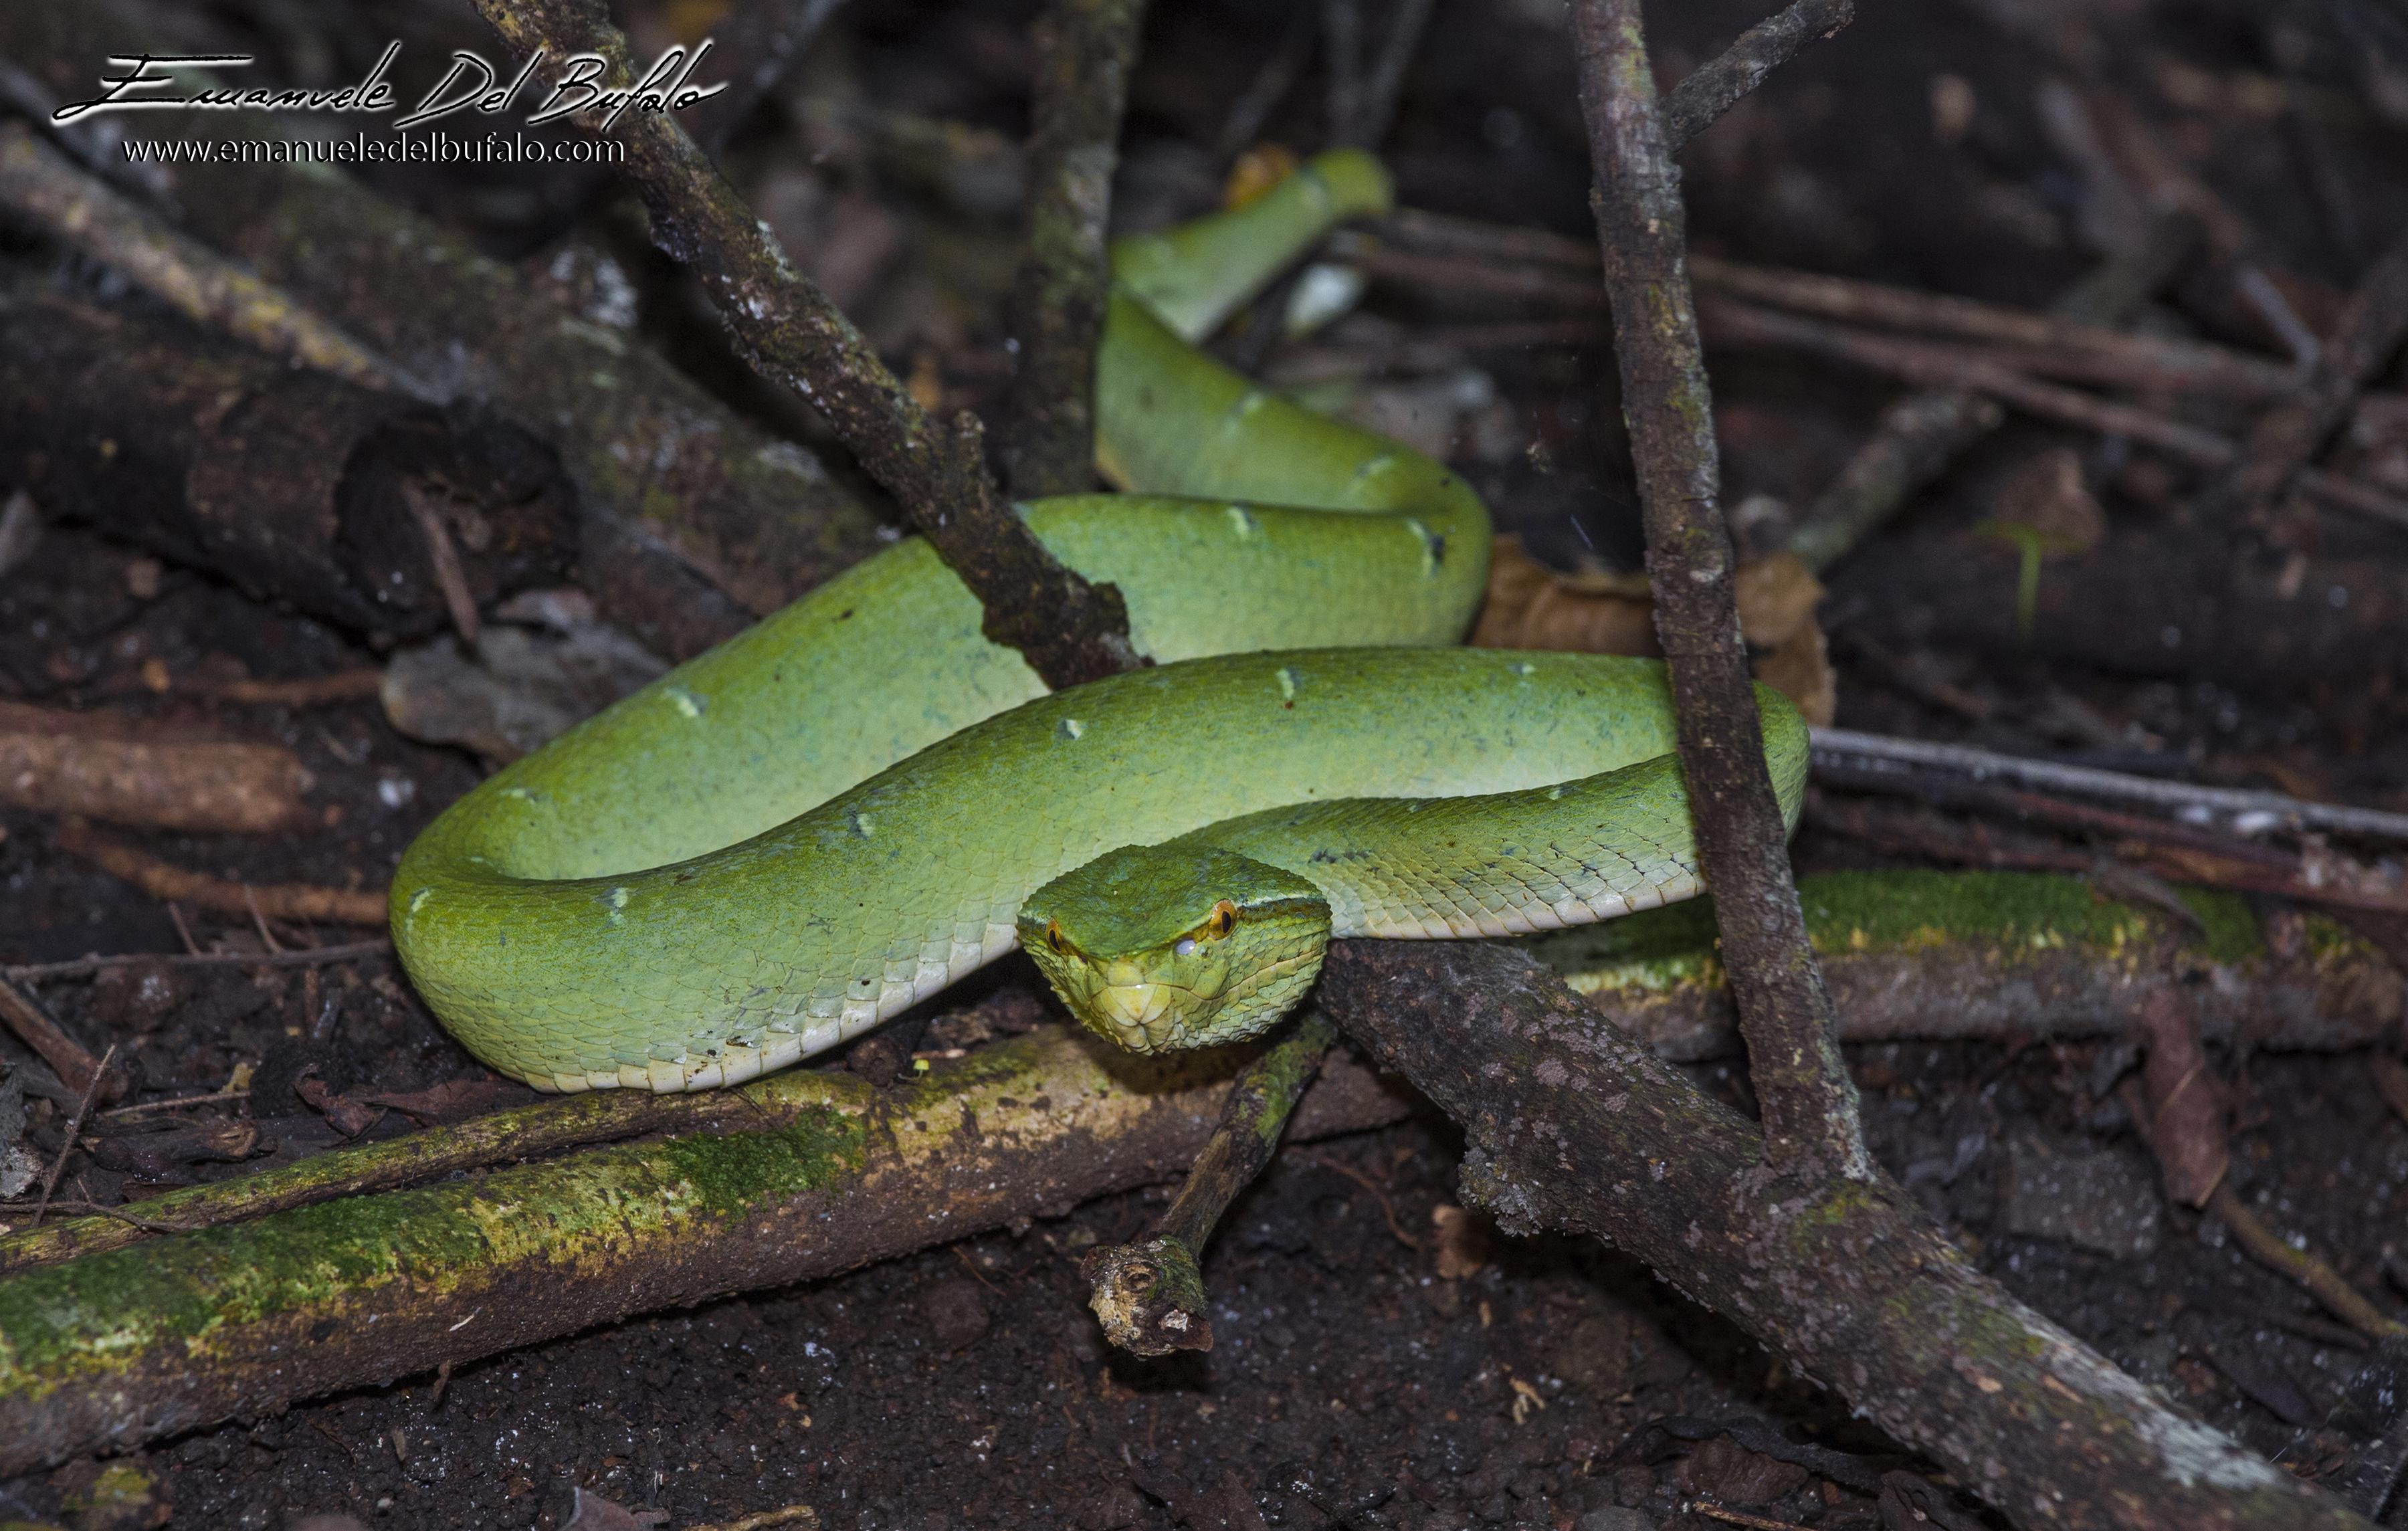 emanueledelbufalo.com #snake #sulawesi #nature #animale